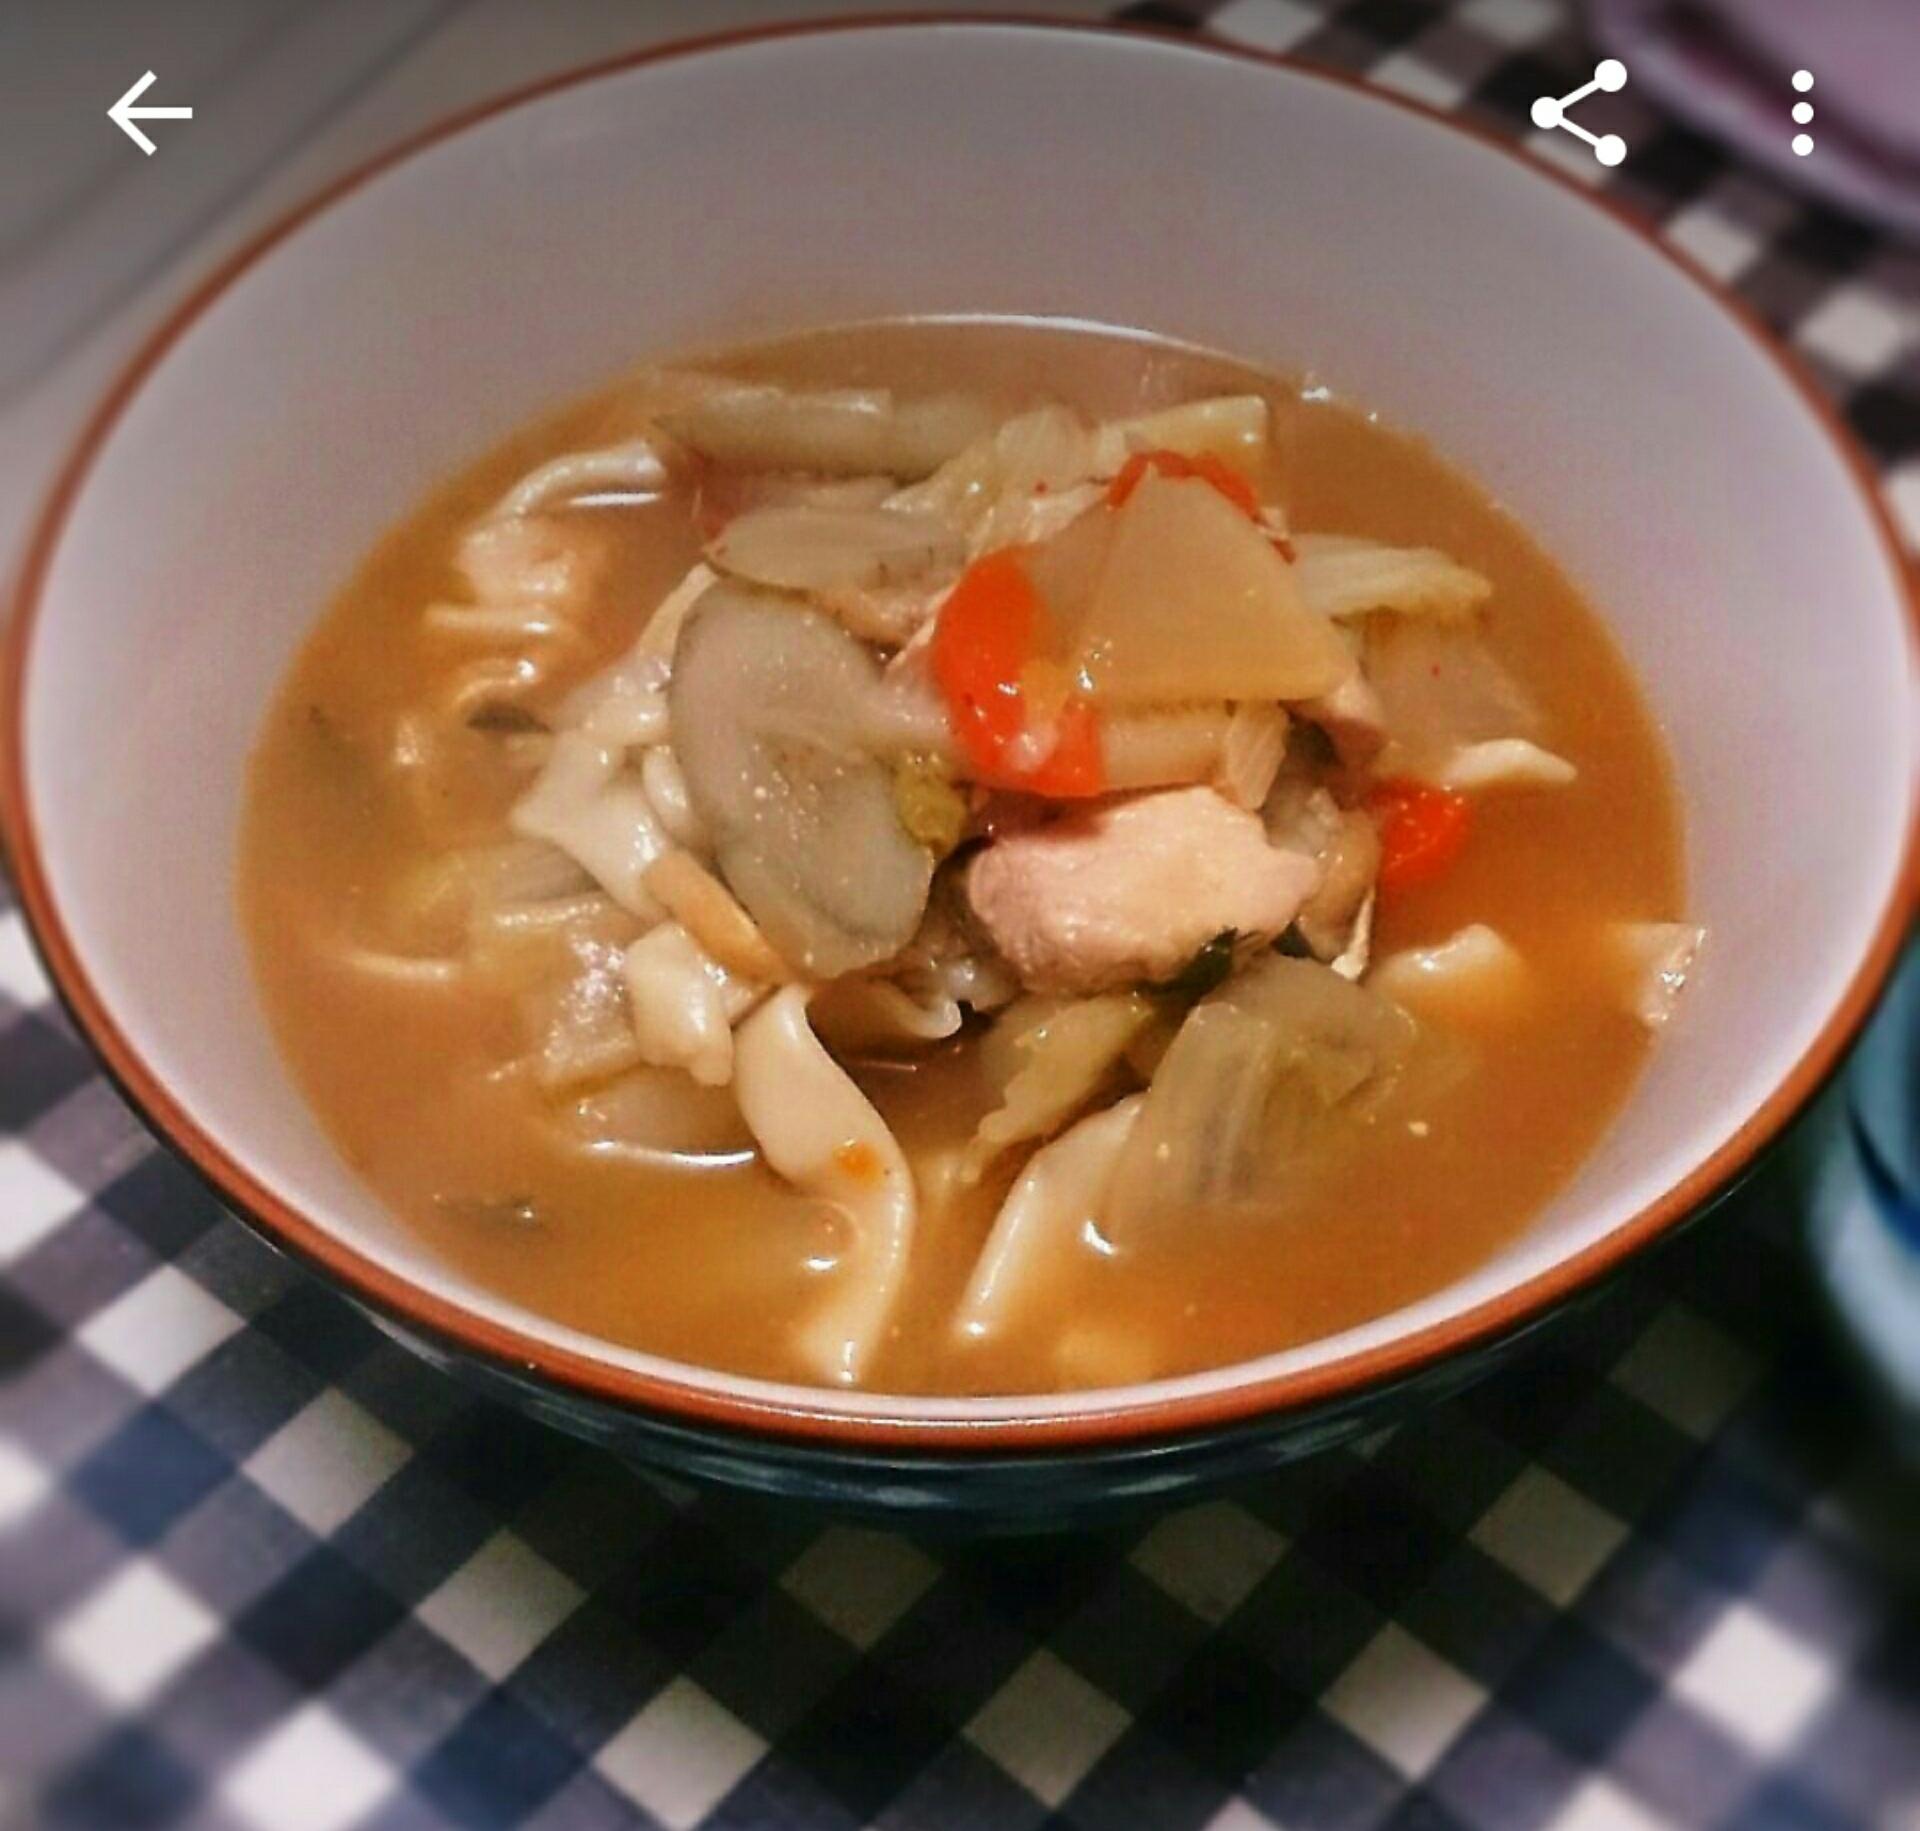 群馬の郷土料理「おっきりこみ」はおふくろの味!絶品レシピもご紹介♪